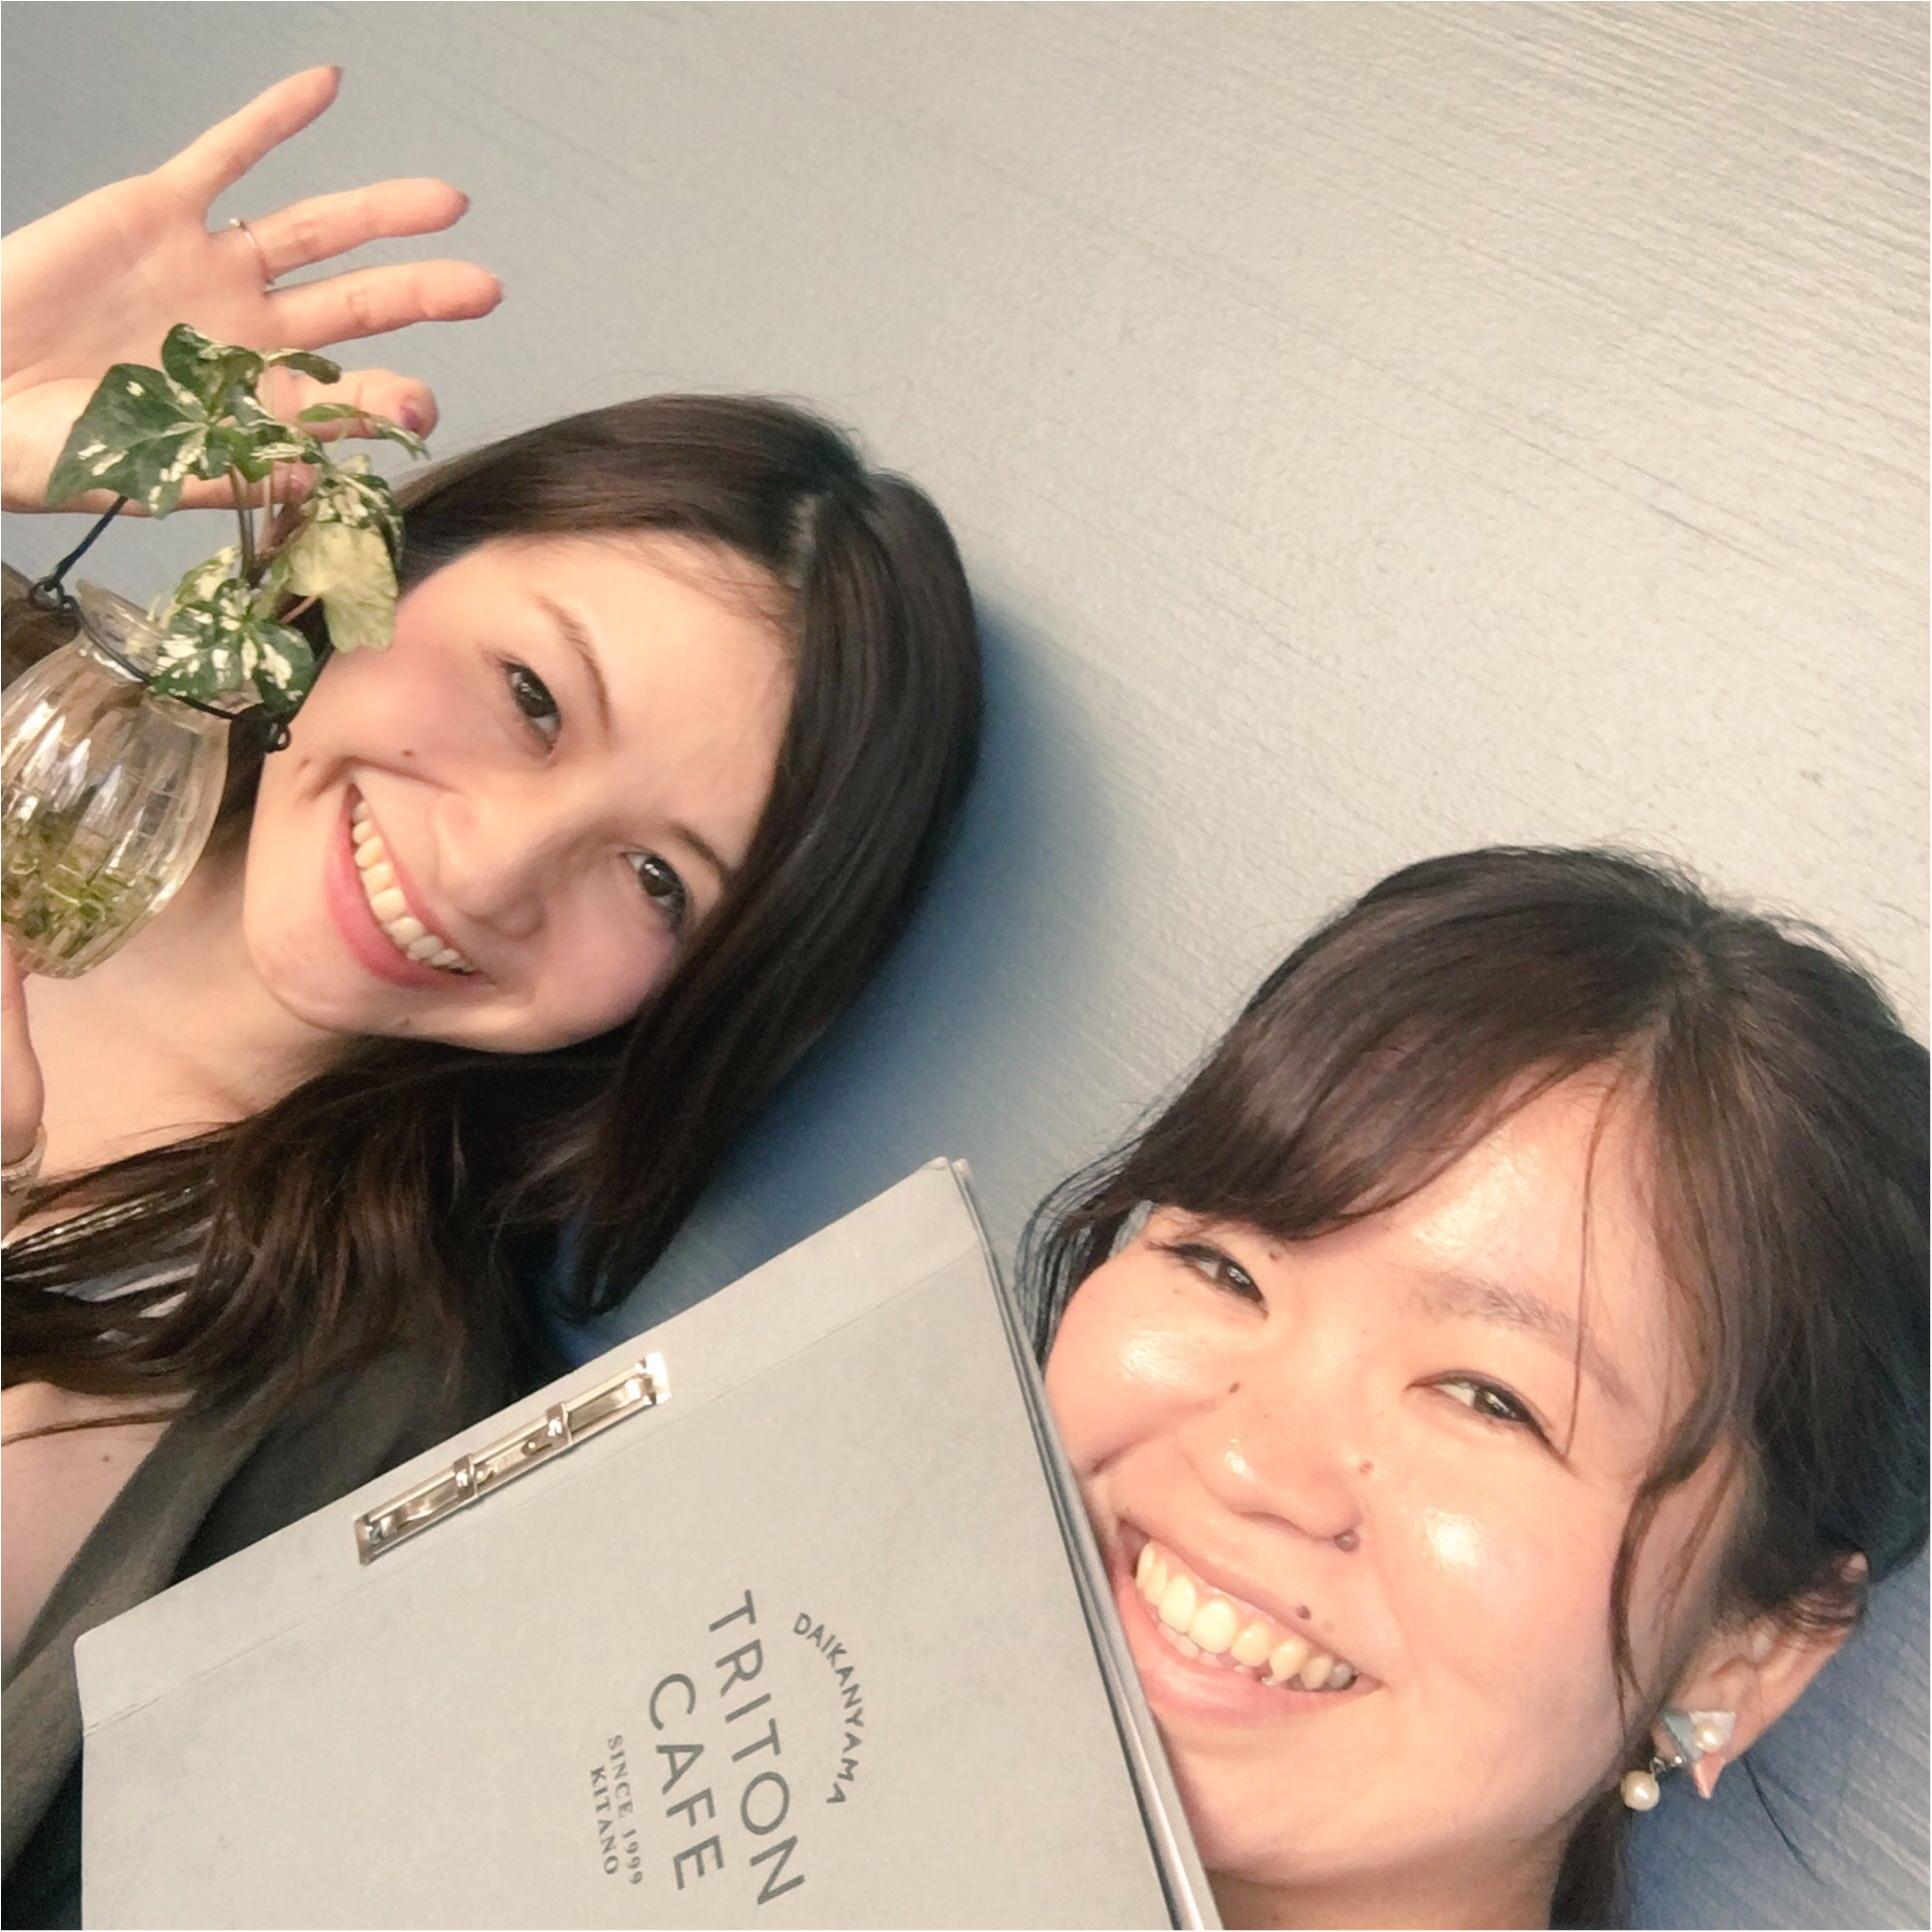 《ありがとうM♡RE(モア)》モアハピ部卒業します!来期の元UNIQLO店員の称号は誰の手に?!大発表です。_2